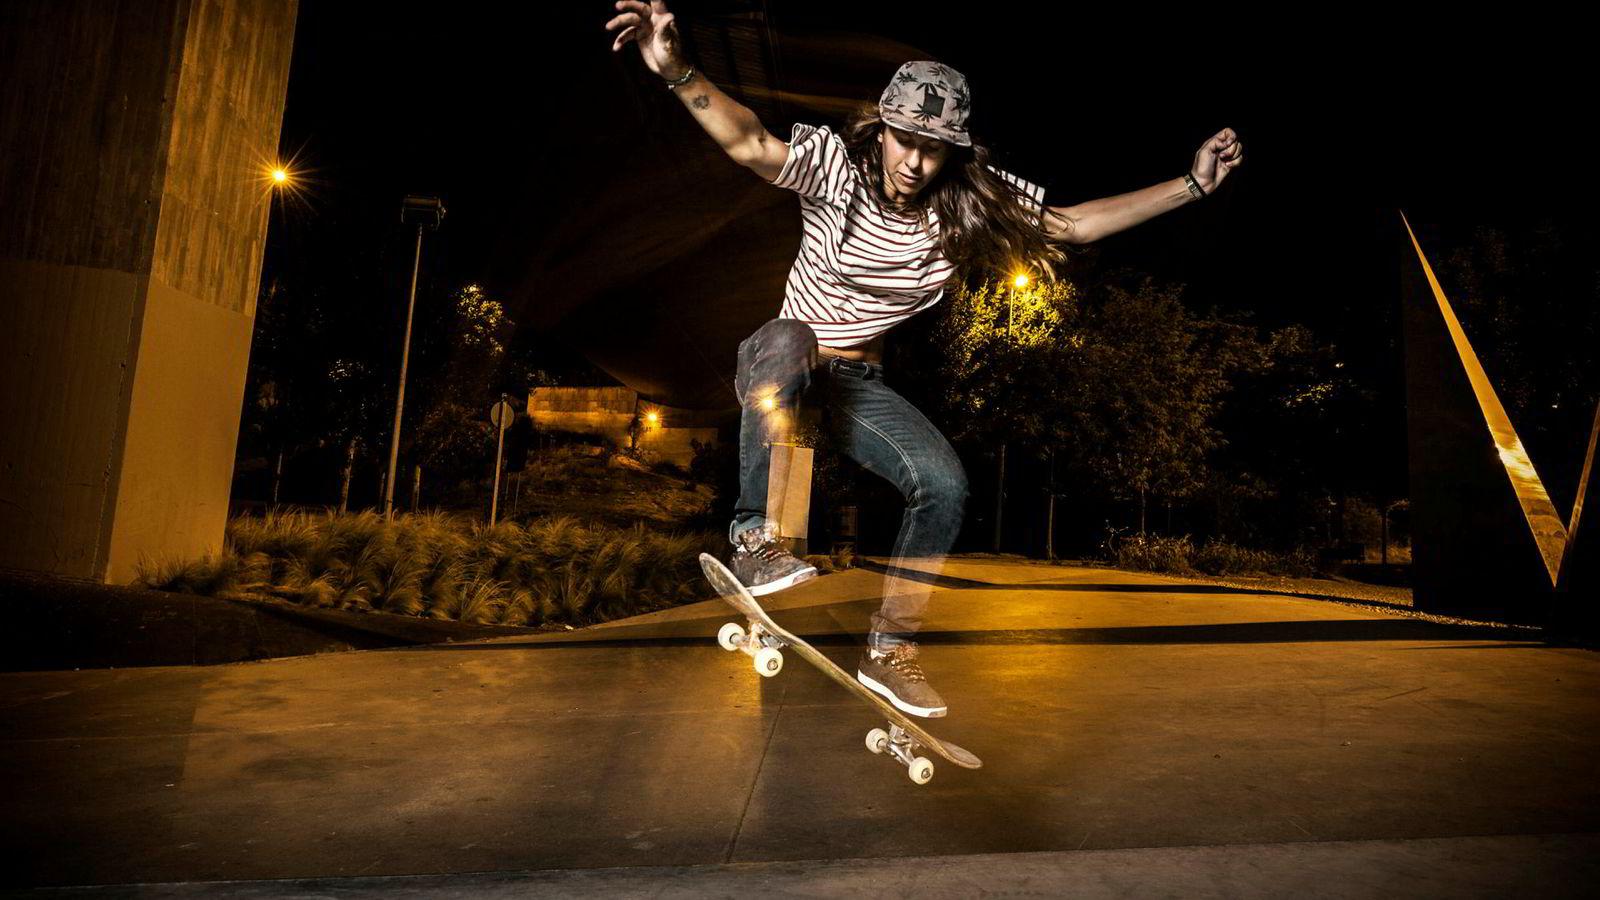 Er skateboard idrett? Man kan si at skateboard er idrett fordi det er en del av OL og Nif, du kan konkurrere i skateboard og det krever fysiske ferdigheter. Samtidig kan man si at skateboard ikke er en idrett fordi det handler om presentasjon og ikke prestasjon.